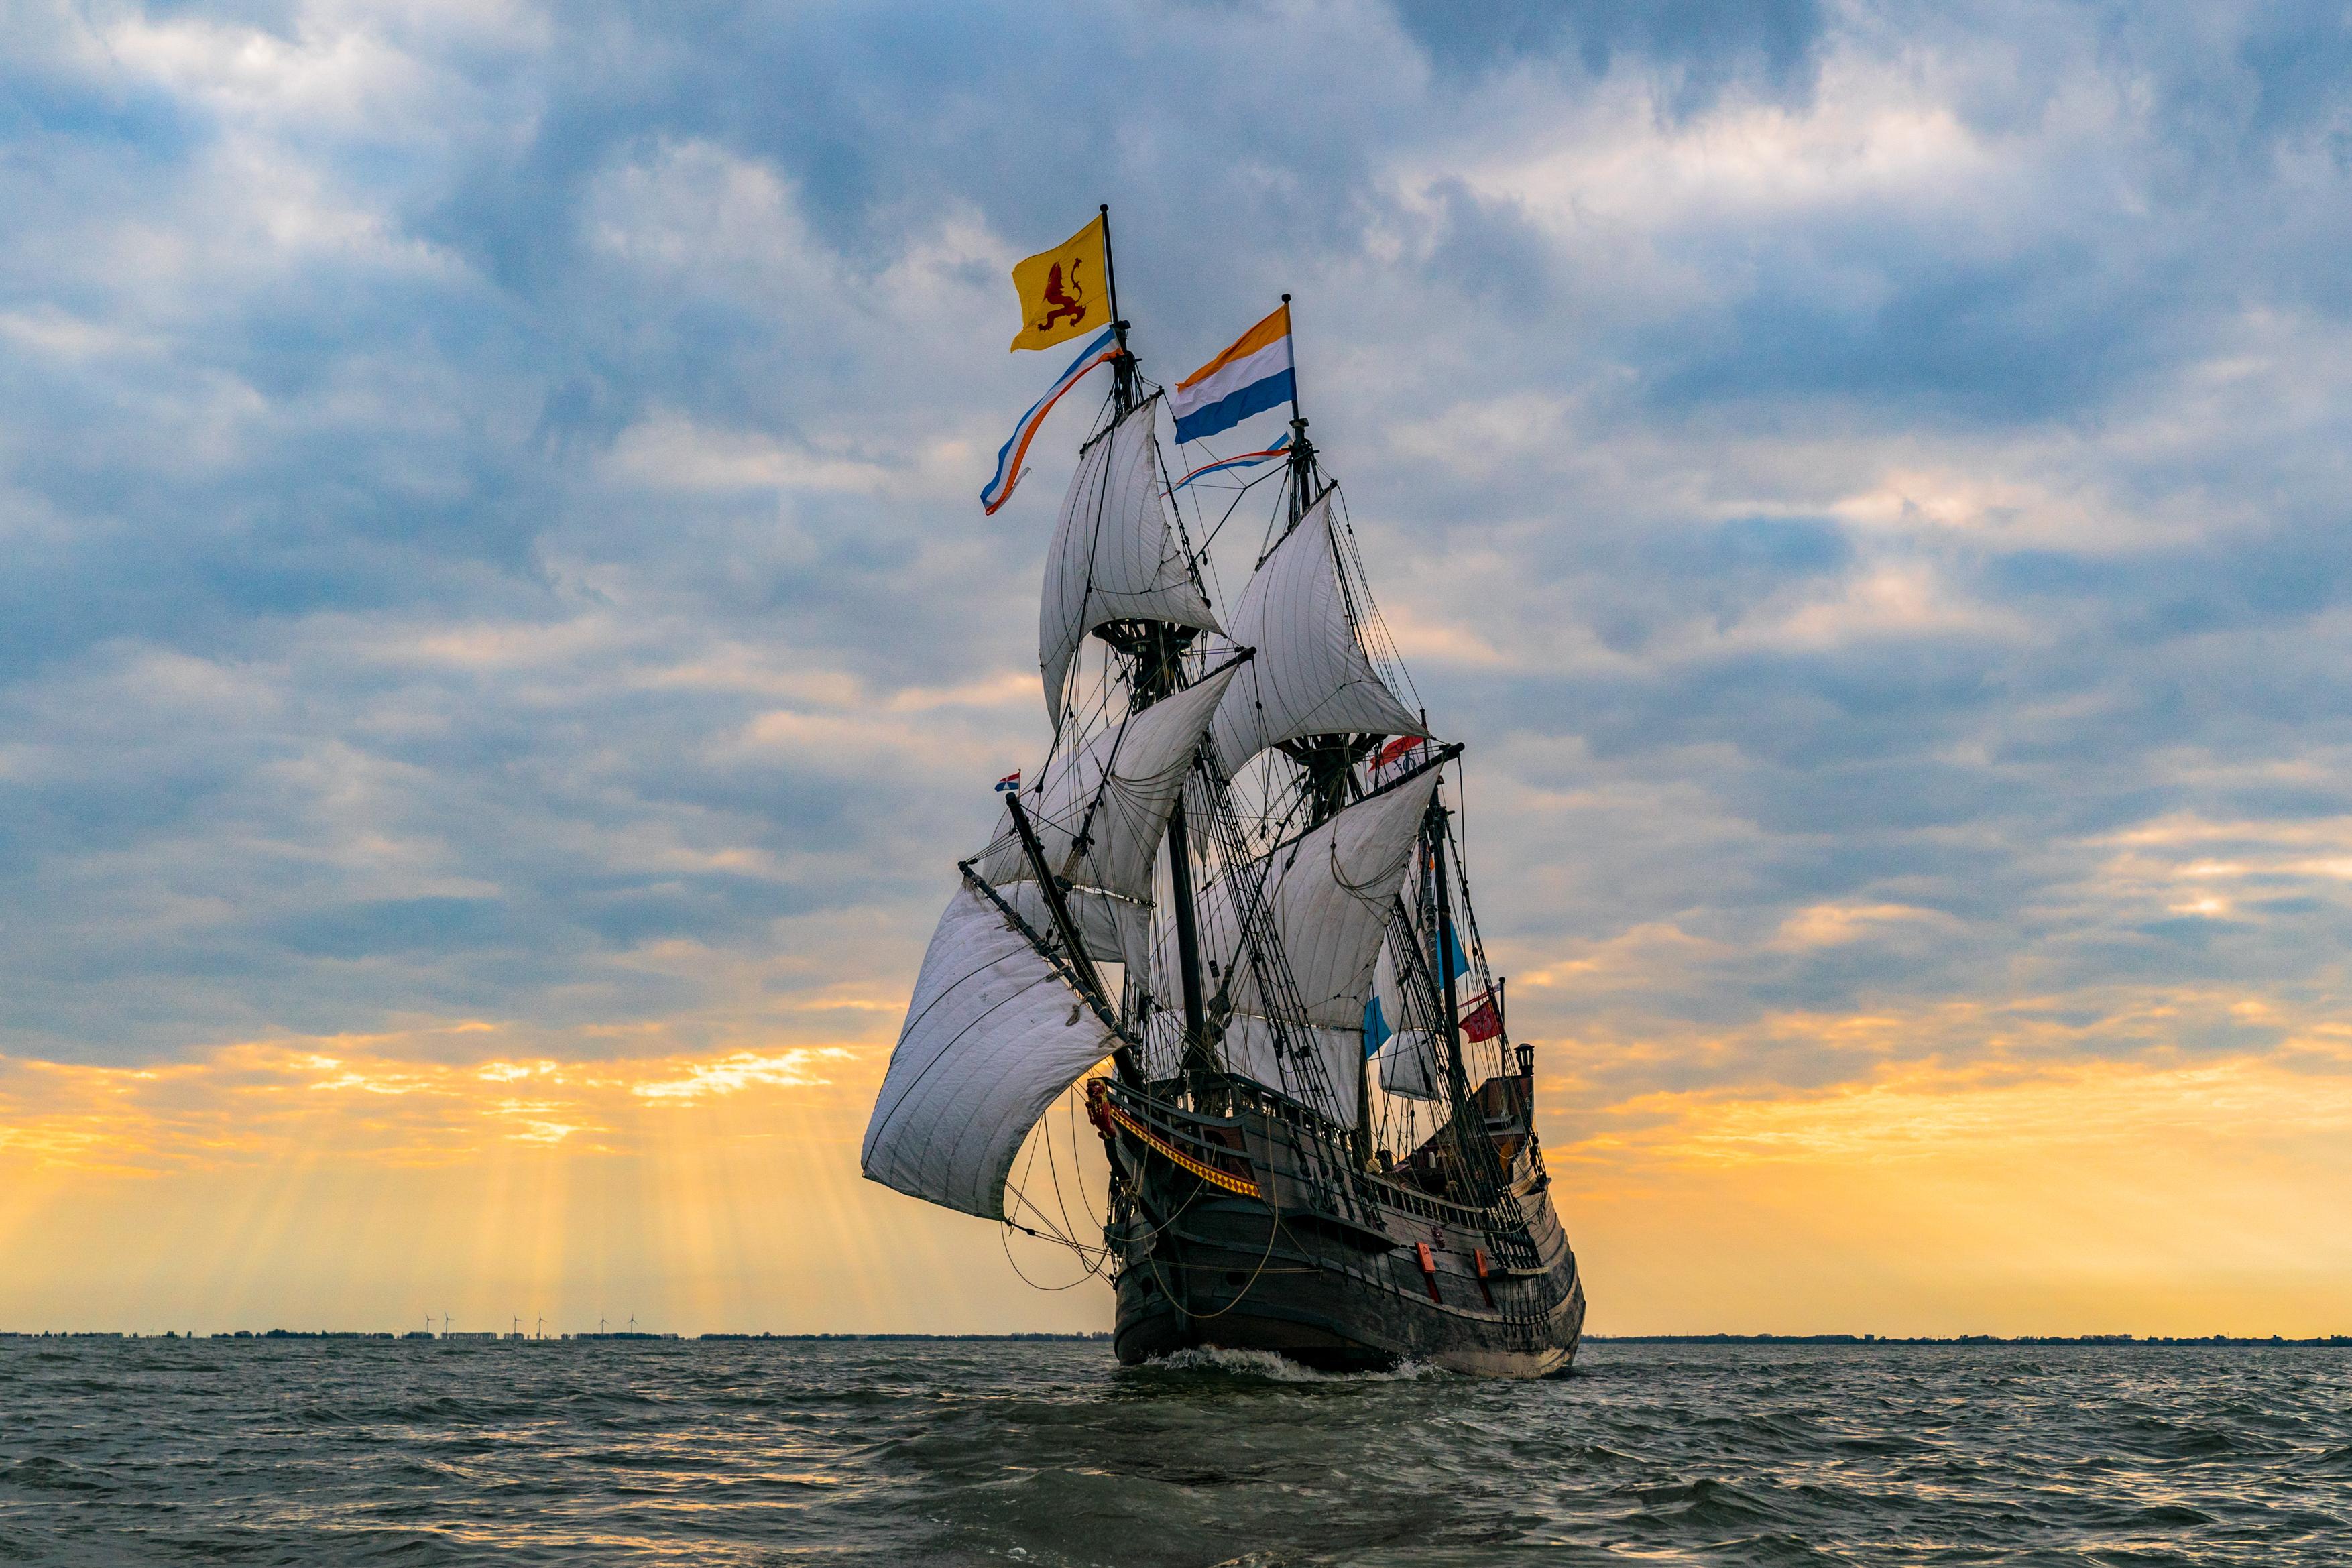 De Halve Maen maakt binnenkort een uitstapje. Het schip verlaat haar vaste standplaats Hoorn voor een bezoek aan Enkhuizen. (Foto: aangeleverd) rodi.nl © rodi